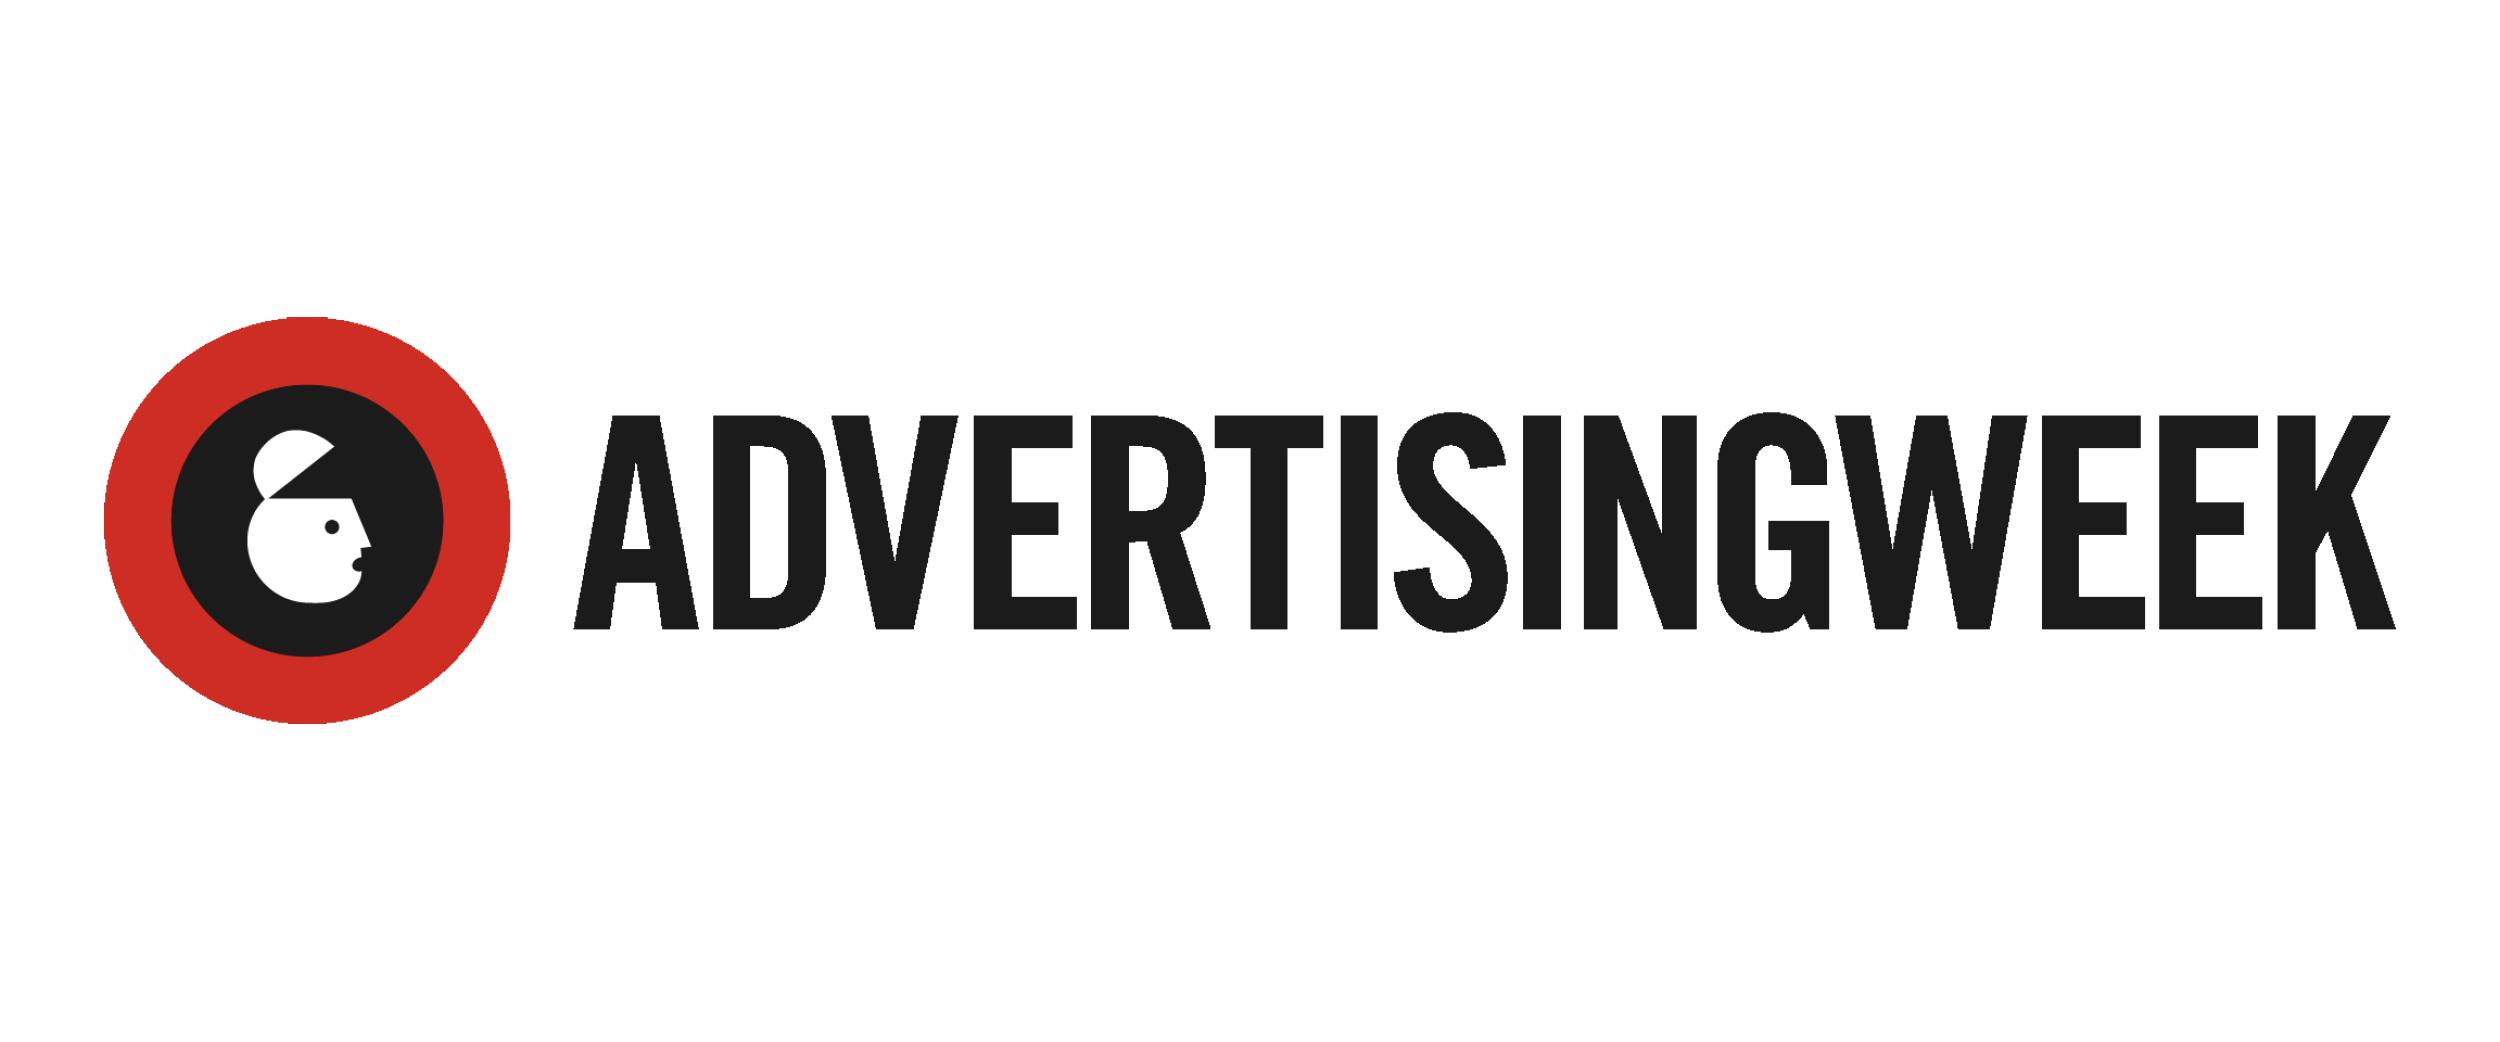 Advertising Week